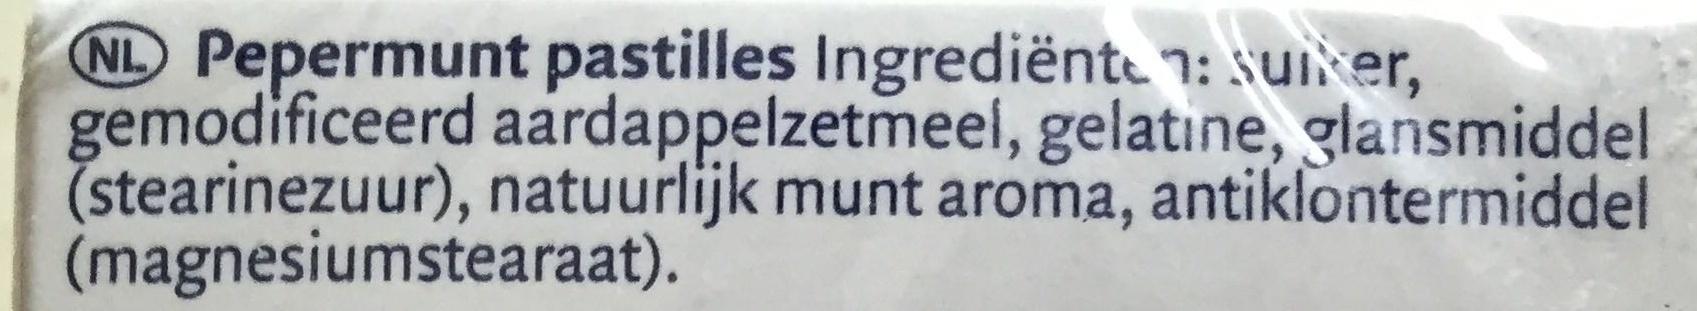 Wilhelmina Pepermunt - Ingrediënten - nl